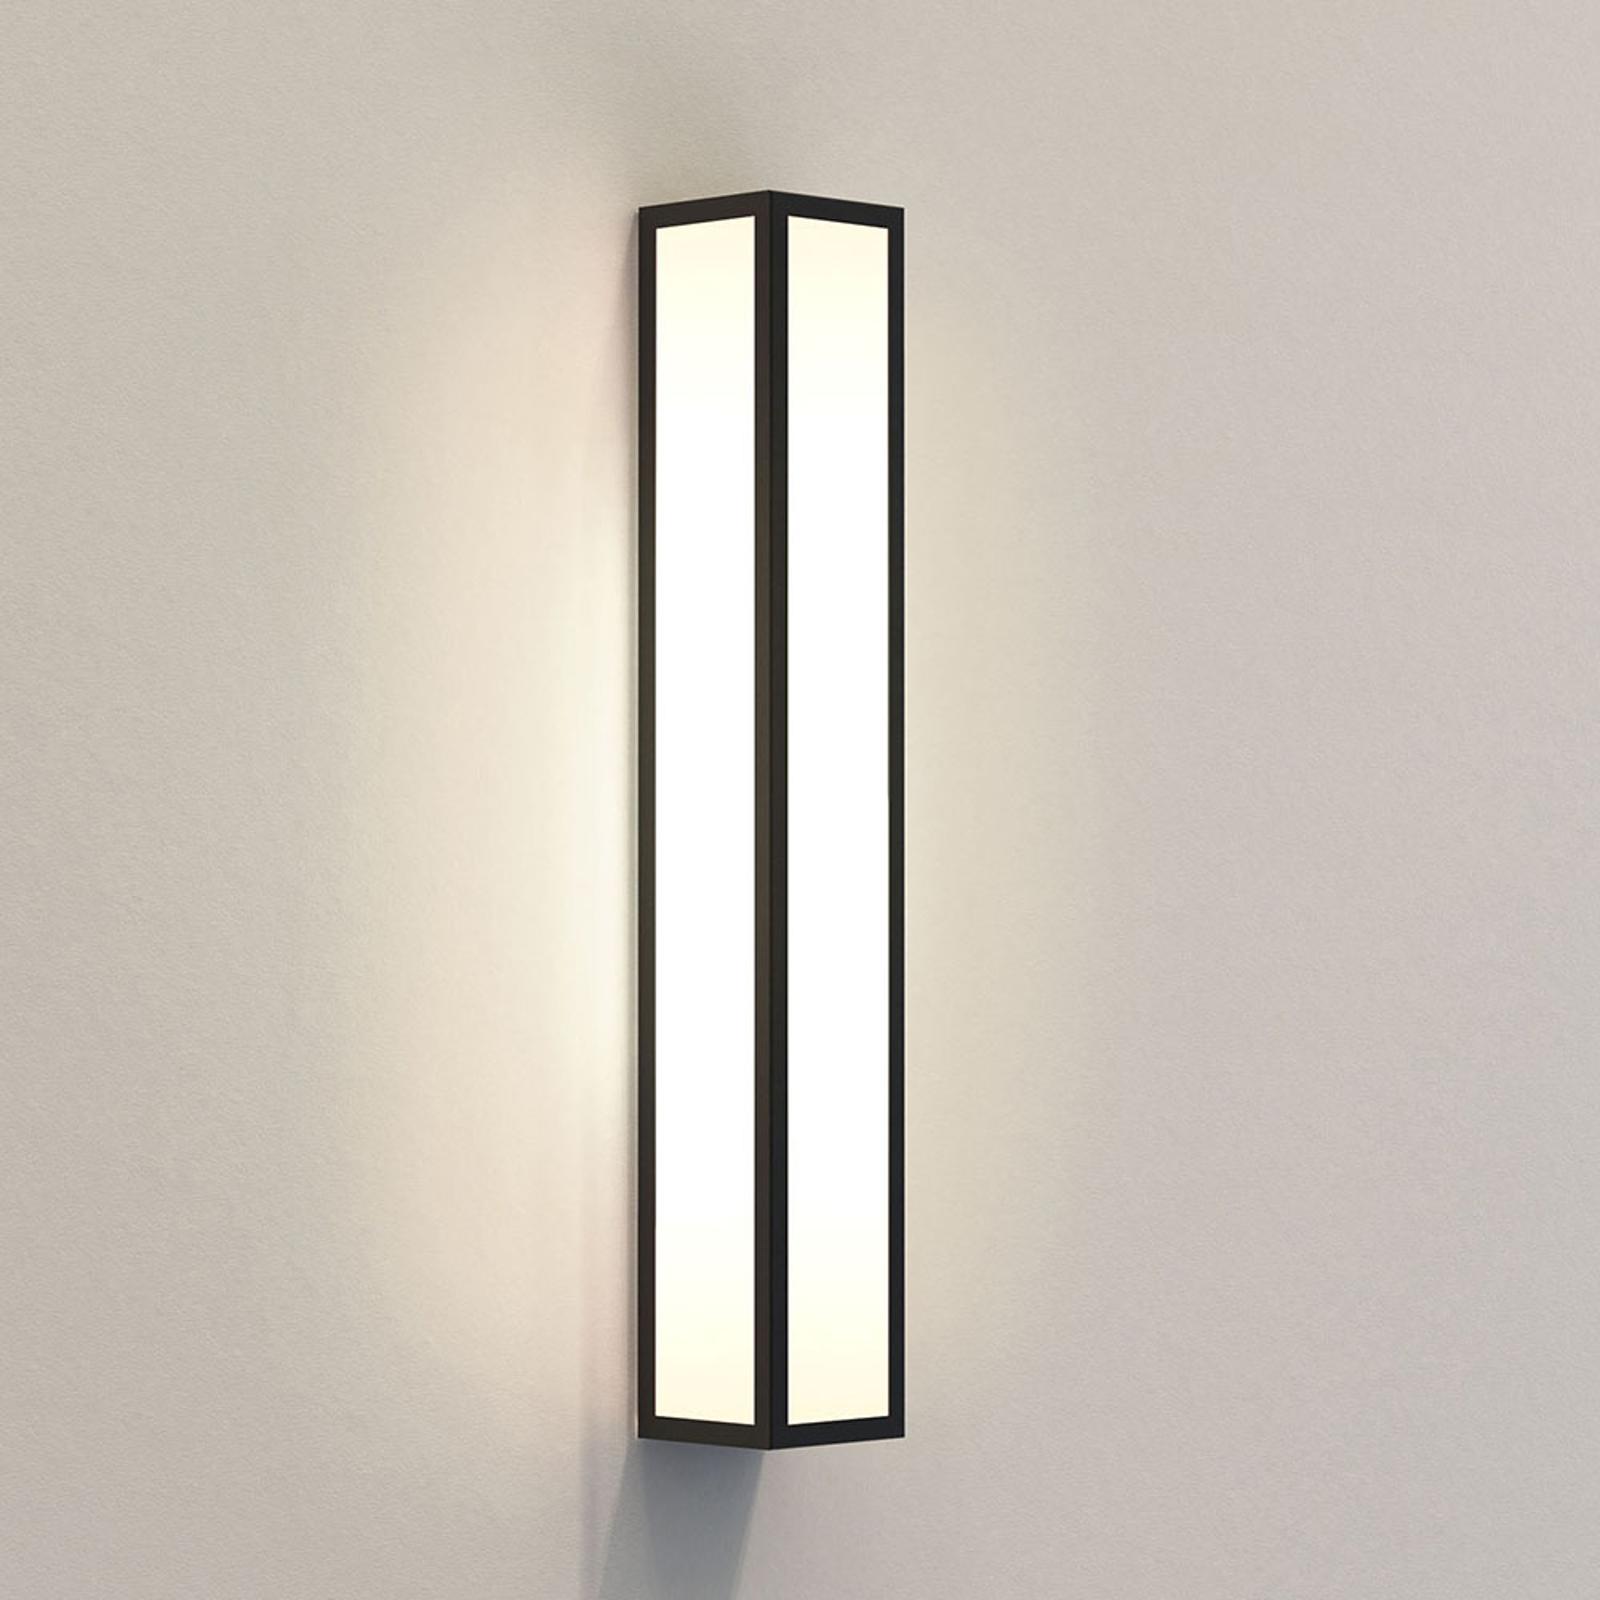 Astro Salerno 520 Außenwandlampe 52 cm schwarz E14